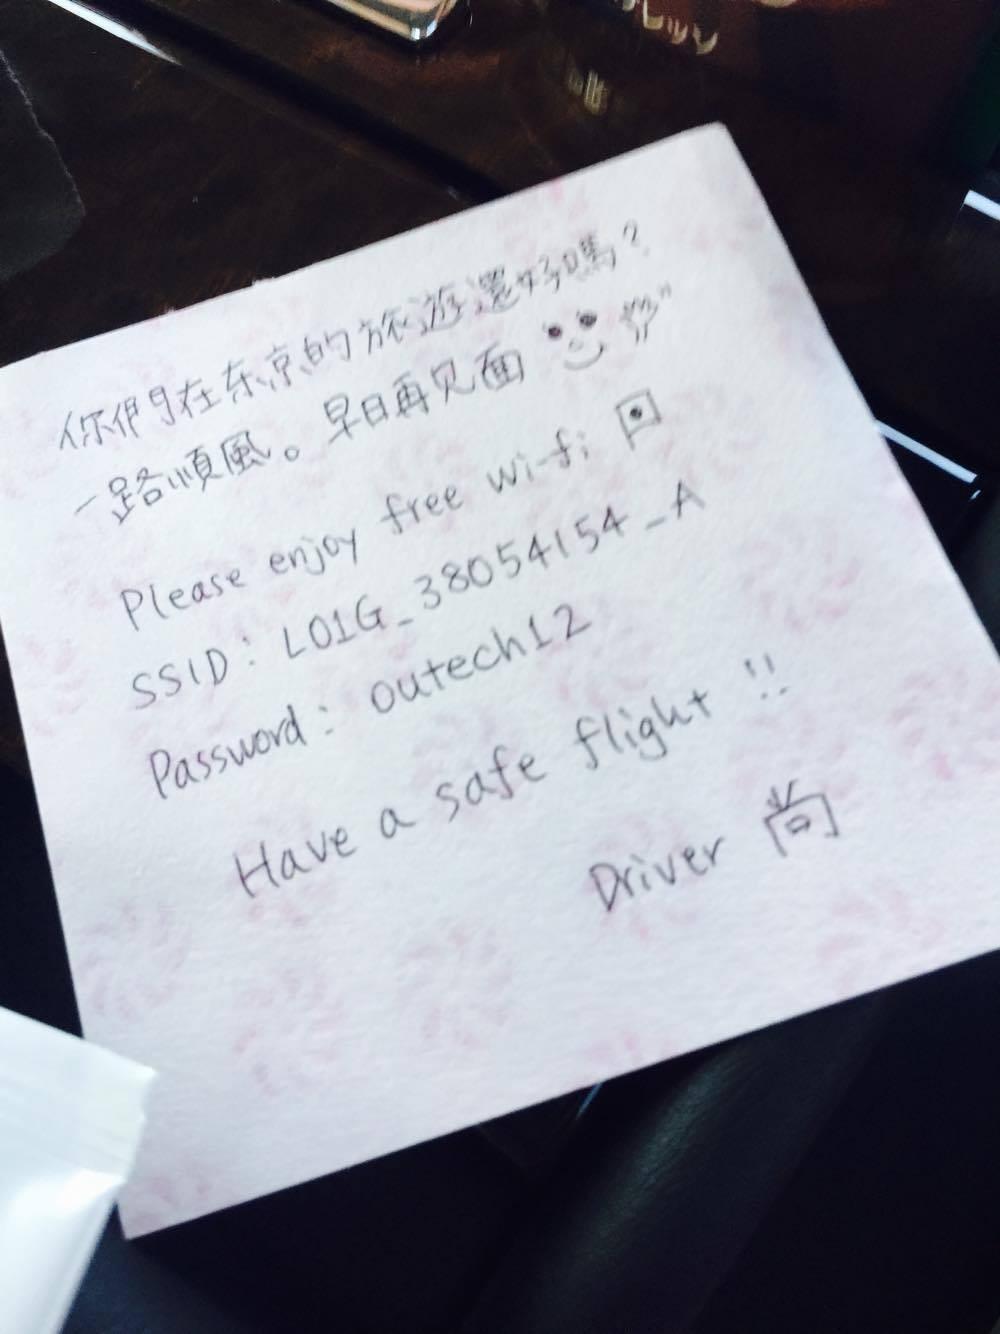 日本司机手写中文纸条问候台湾客